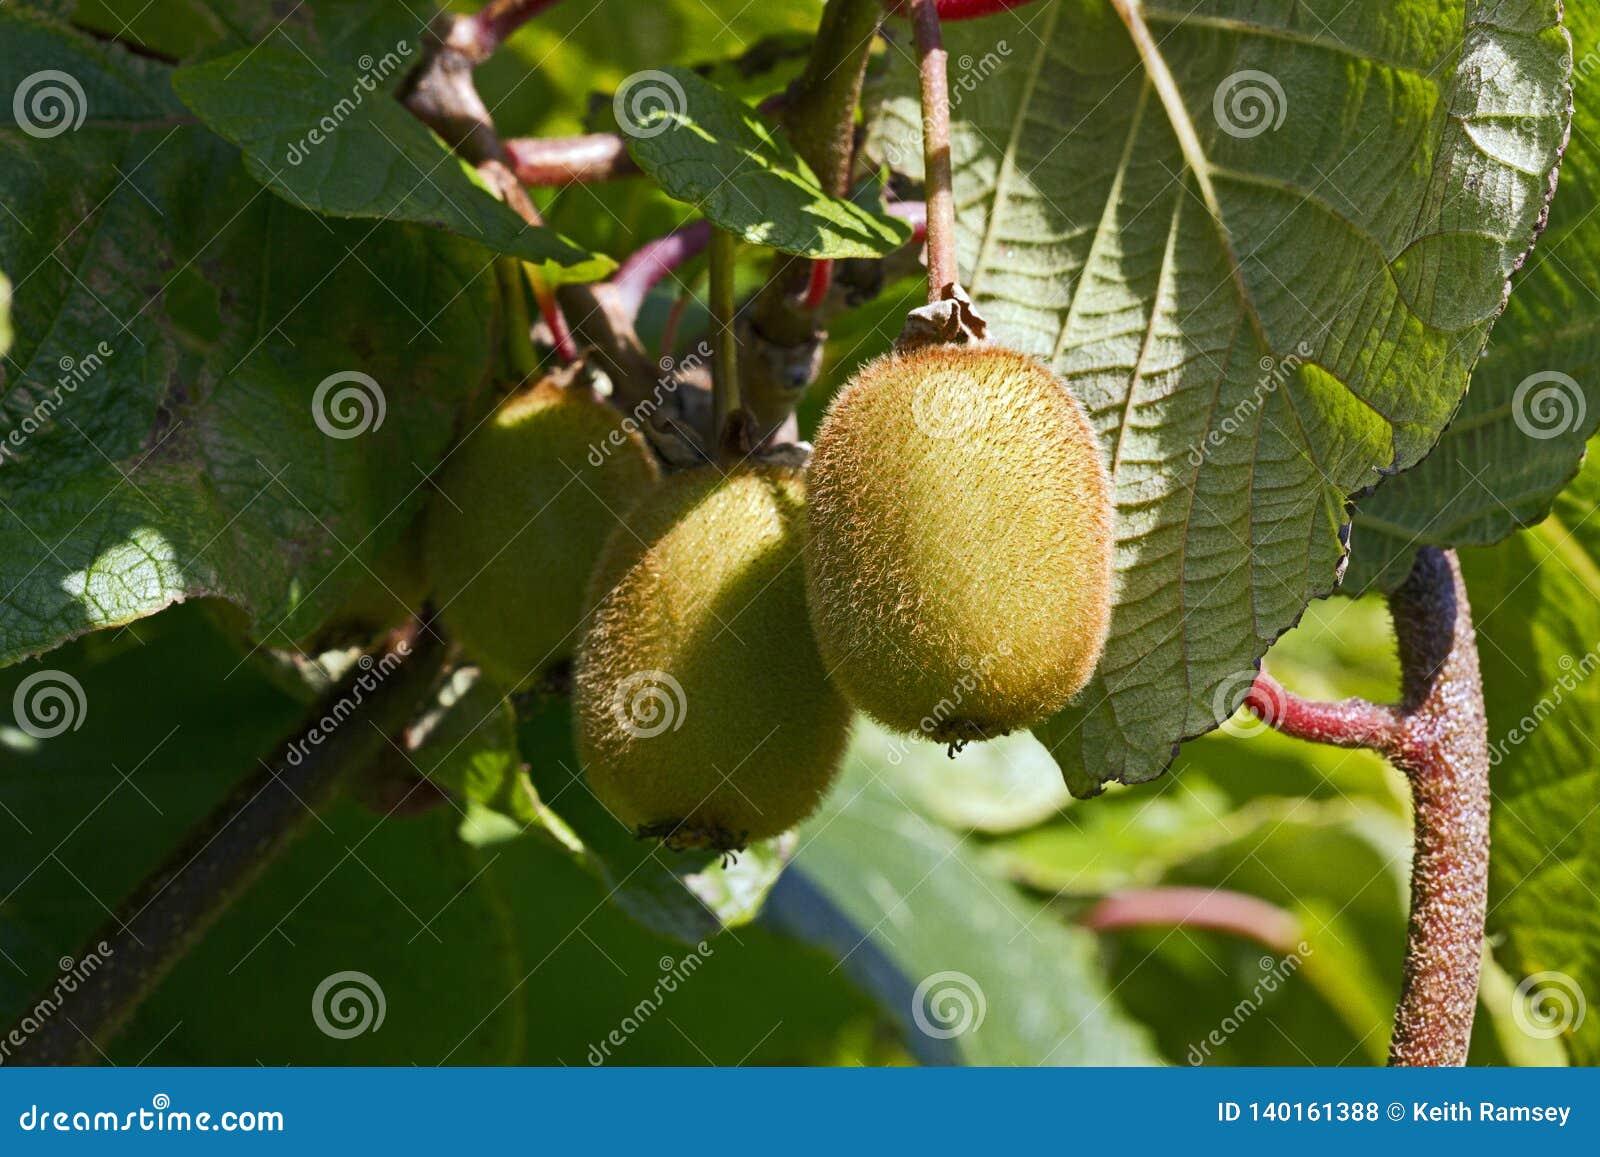 Kiwi Fruit Actinidia deliciosa